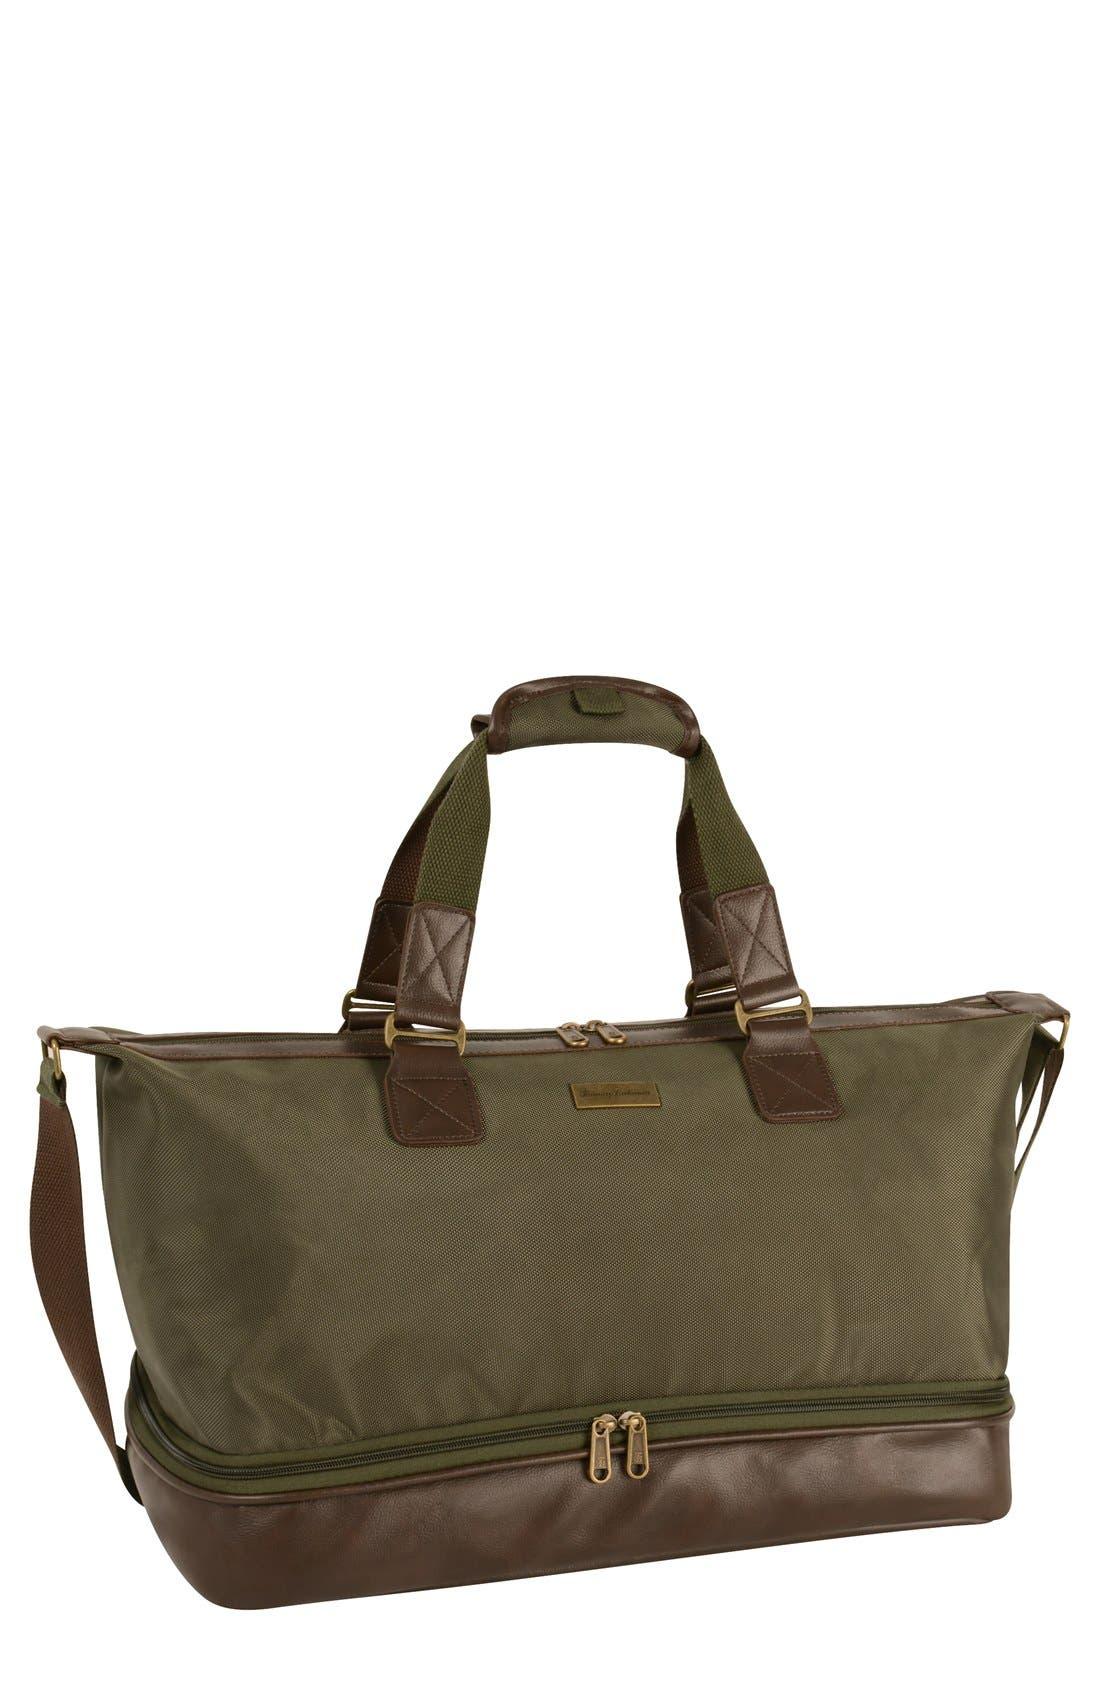 Alternate Image 1 Selected - Tomy Bahama 'Surge' Duffel Bag